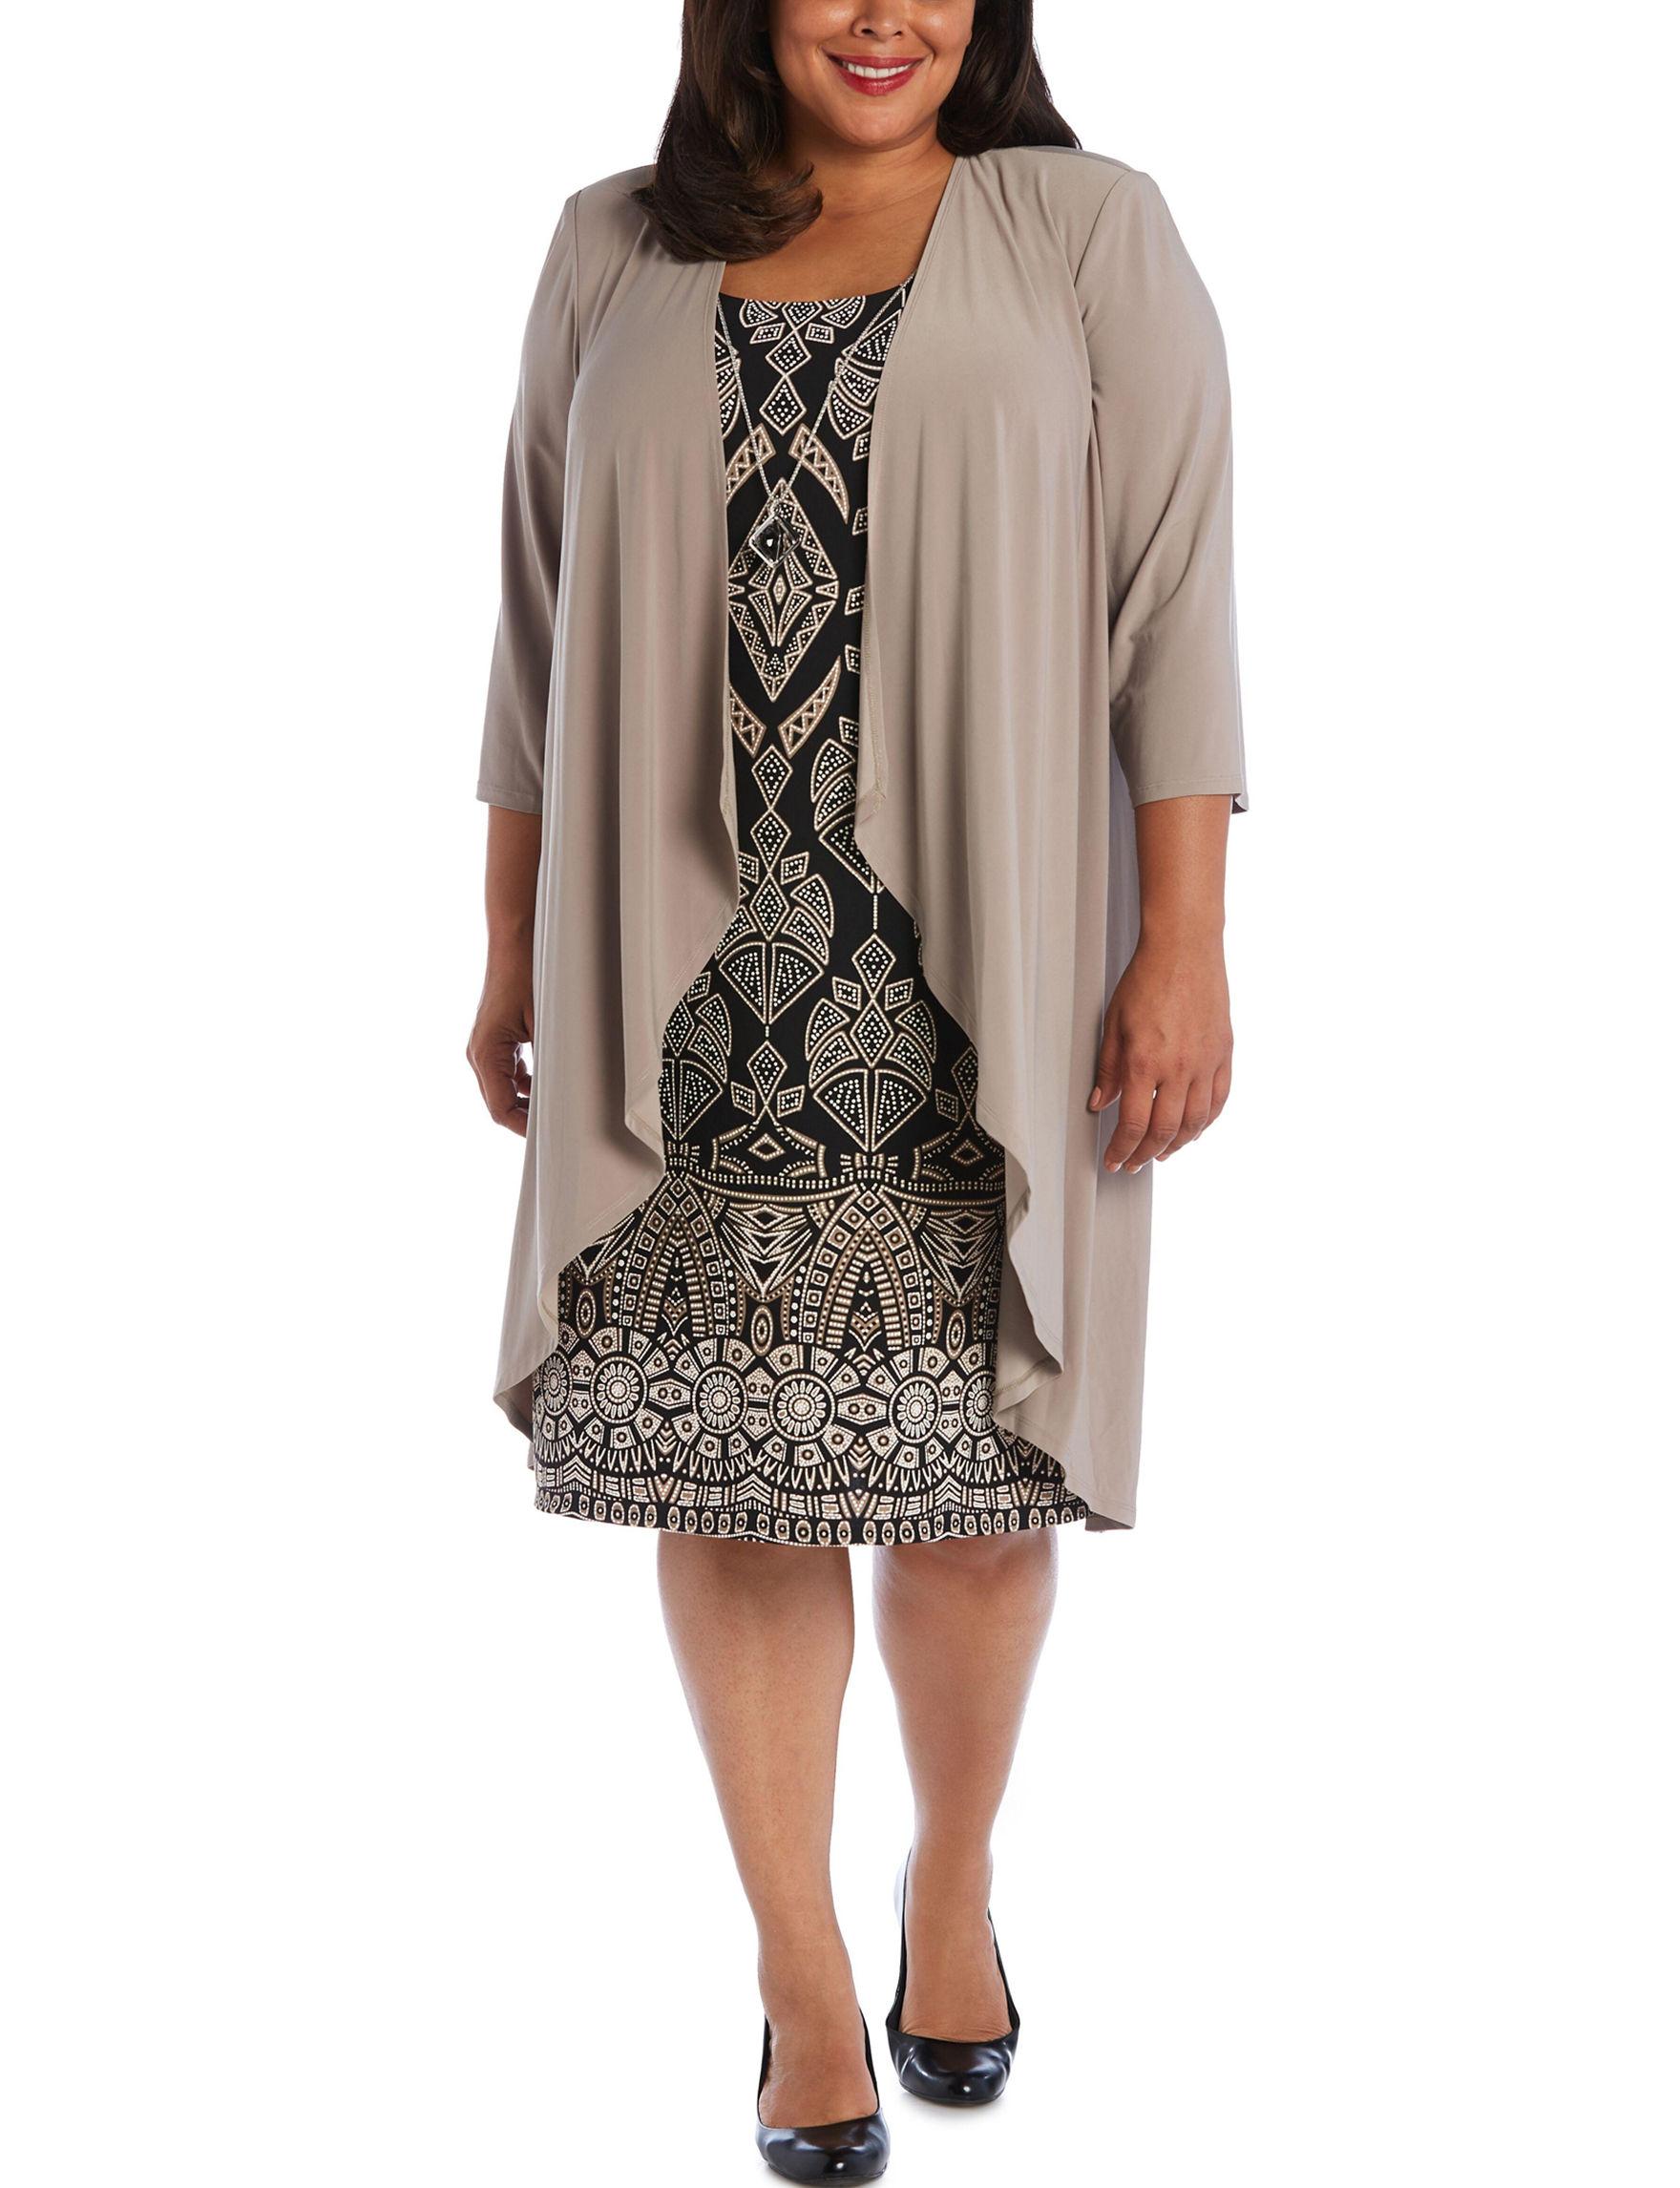 R & M Richards Black / Taupe Evening & Formal Jacket Dresses